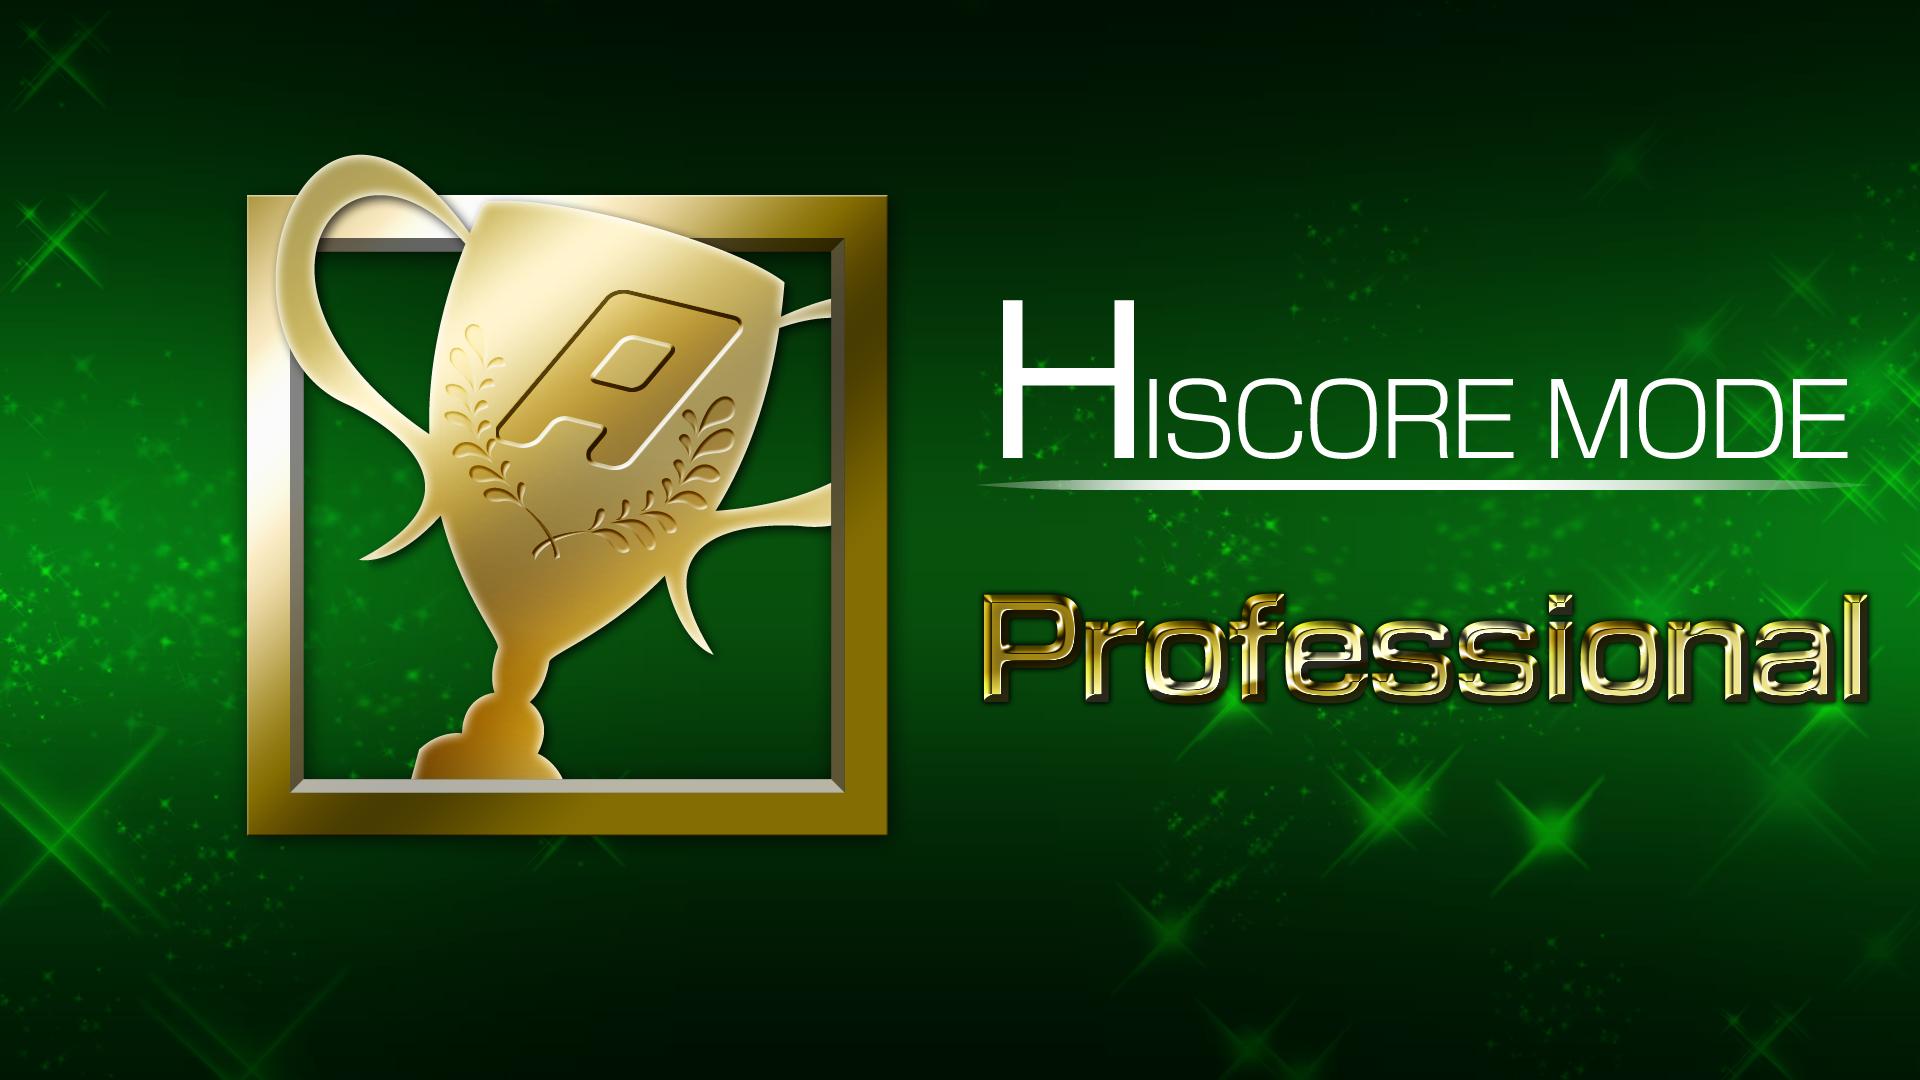 Icon for HI SCORE MODE 6 win(s)